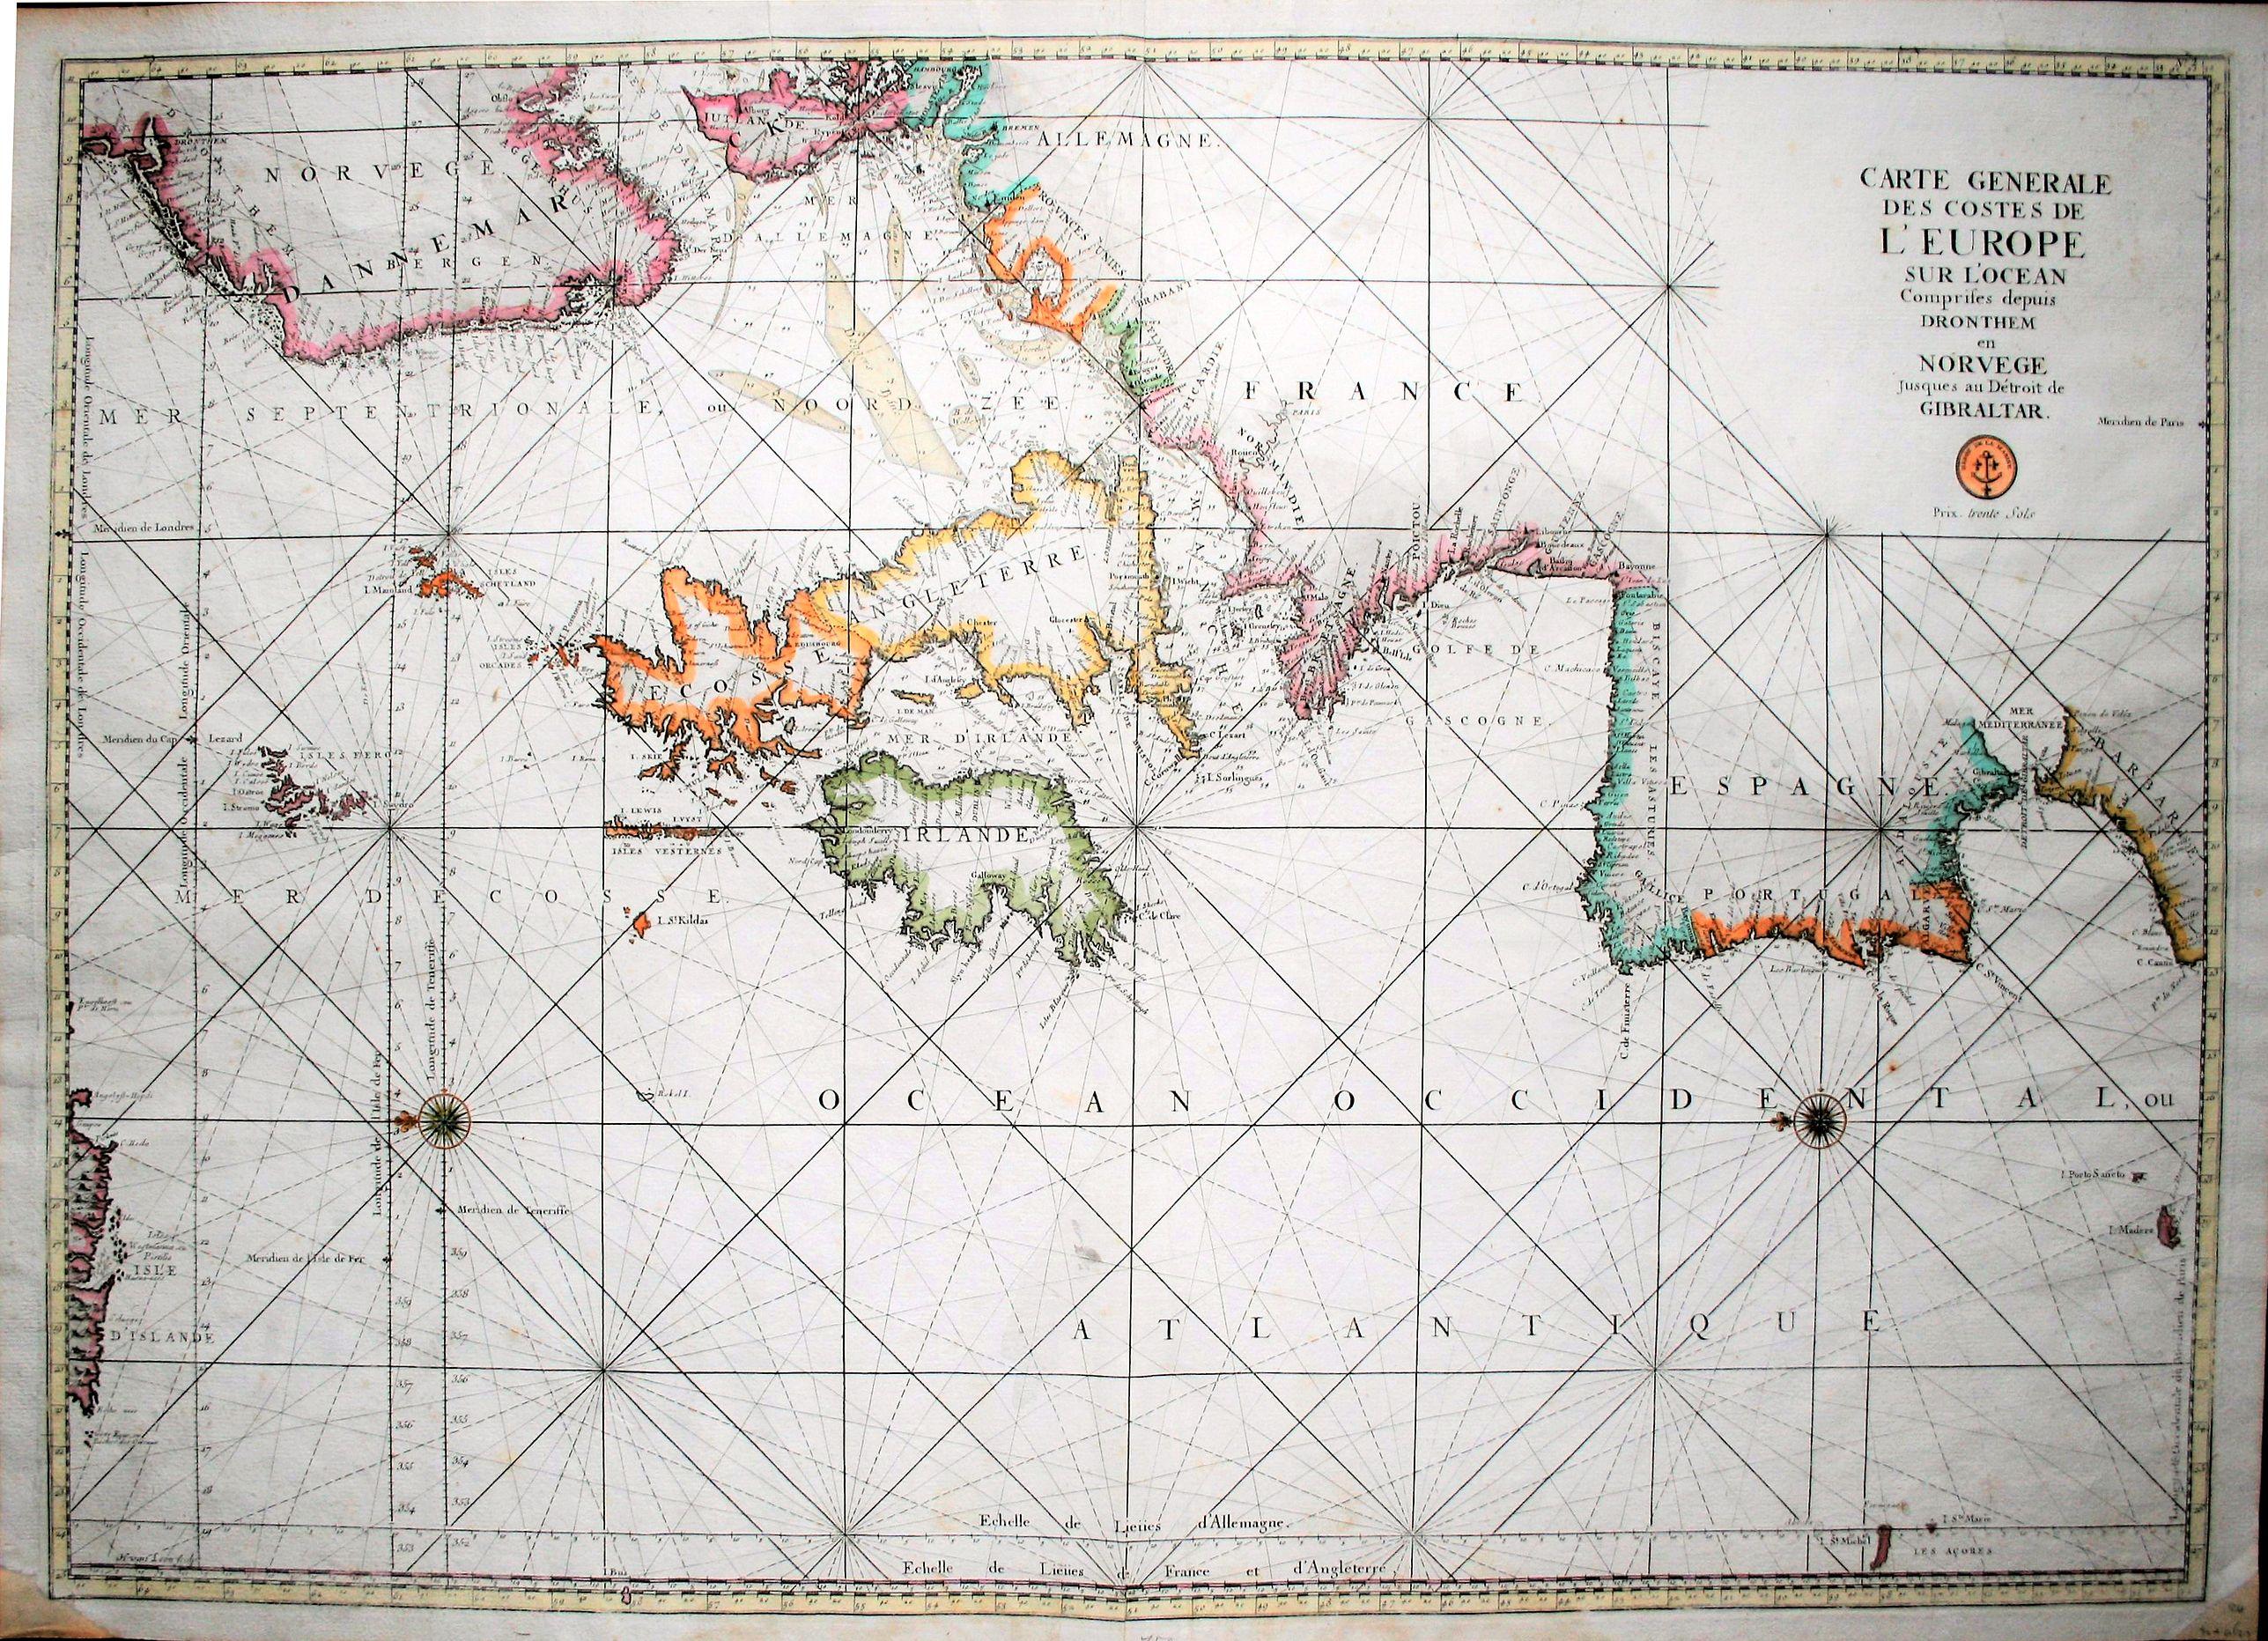 JAILLOT, A.H. - Carte generale des costes de l'Europe sur l'Ocean comprises depuis Dronthem en Norvege jusques au Destroit de Gibraltar.